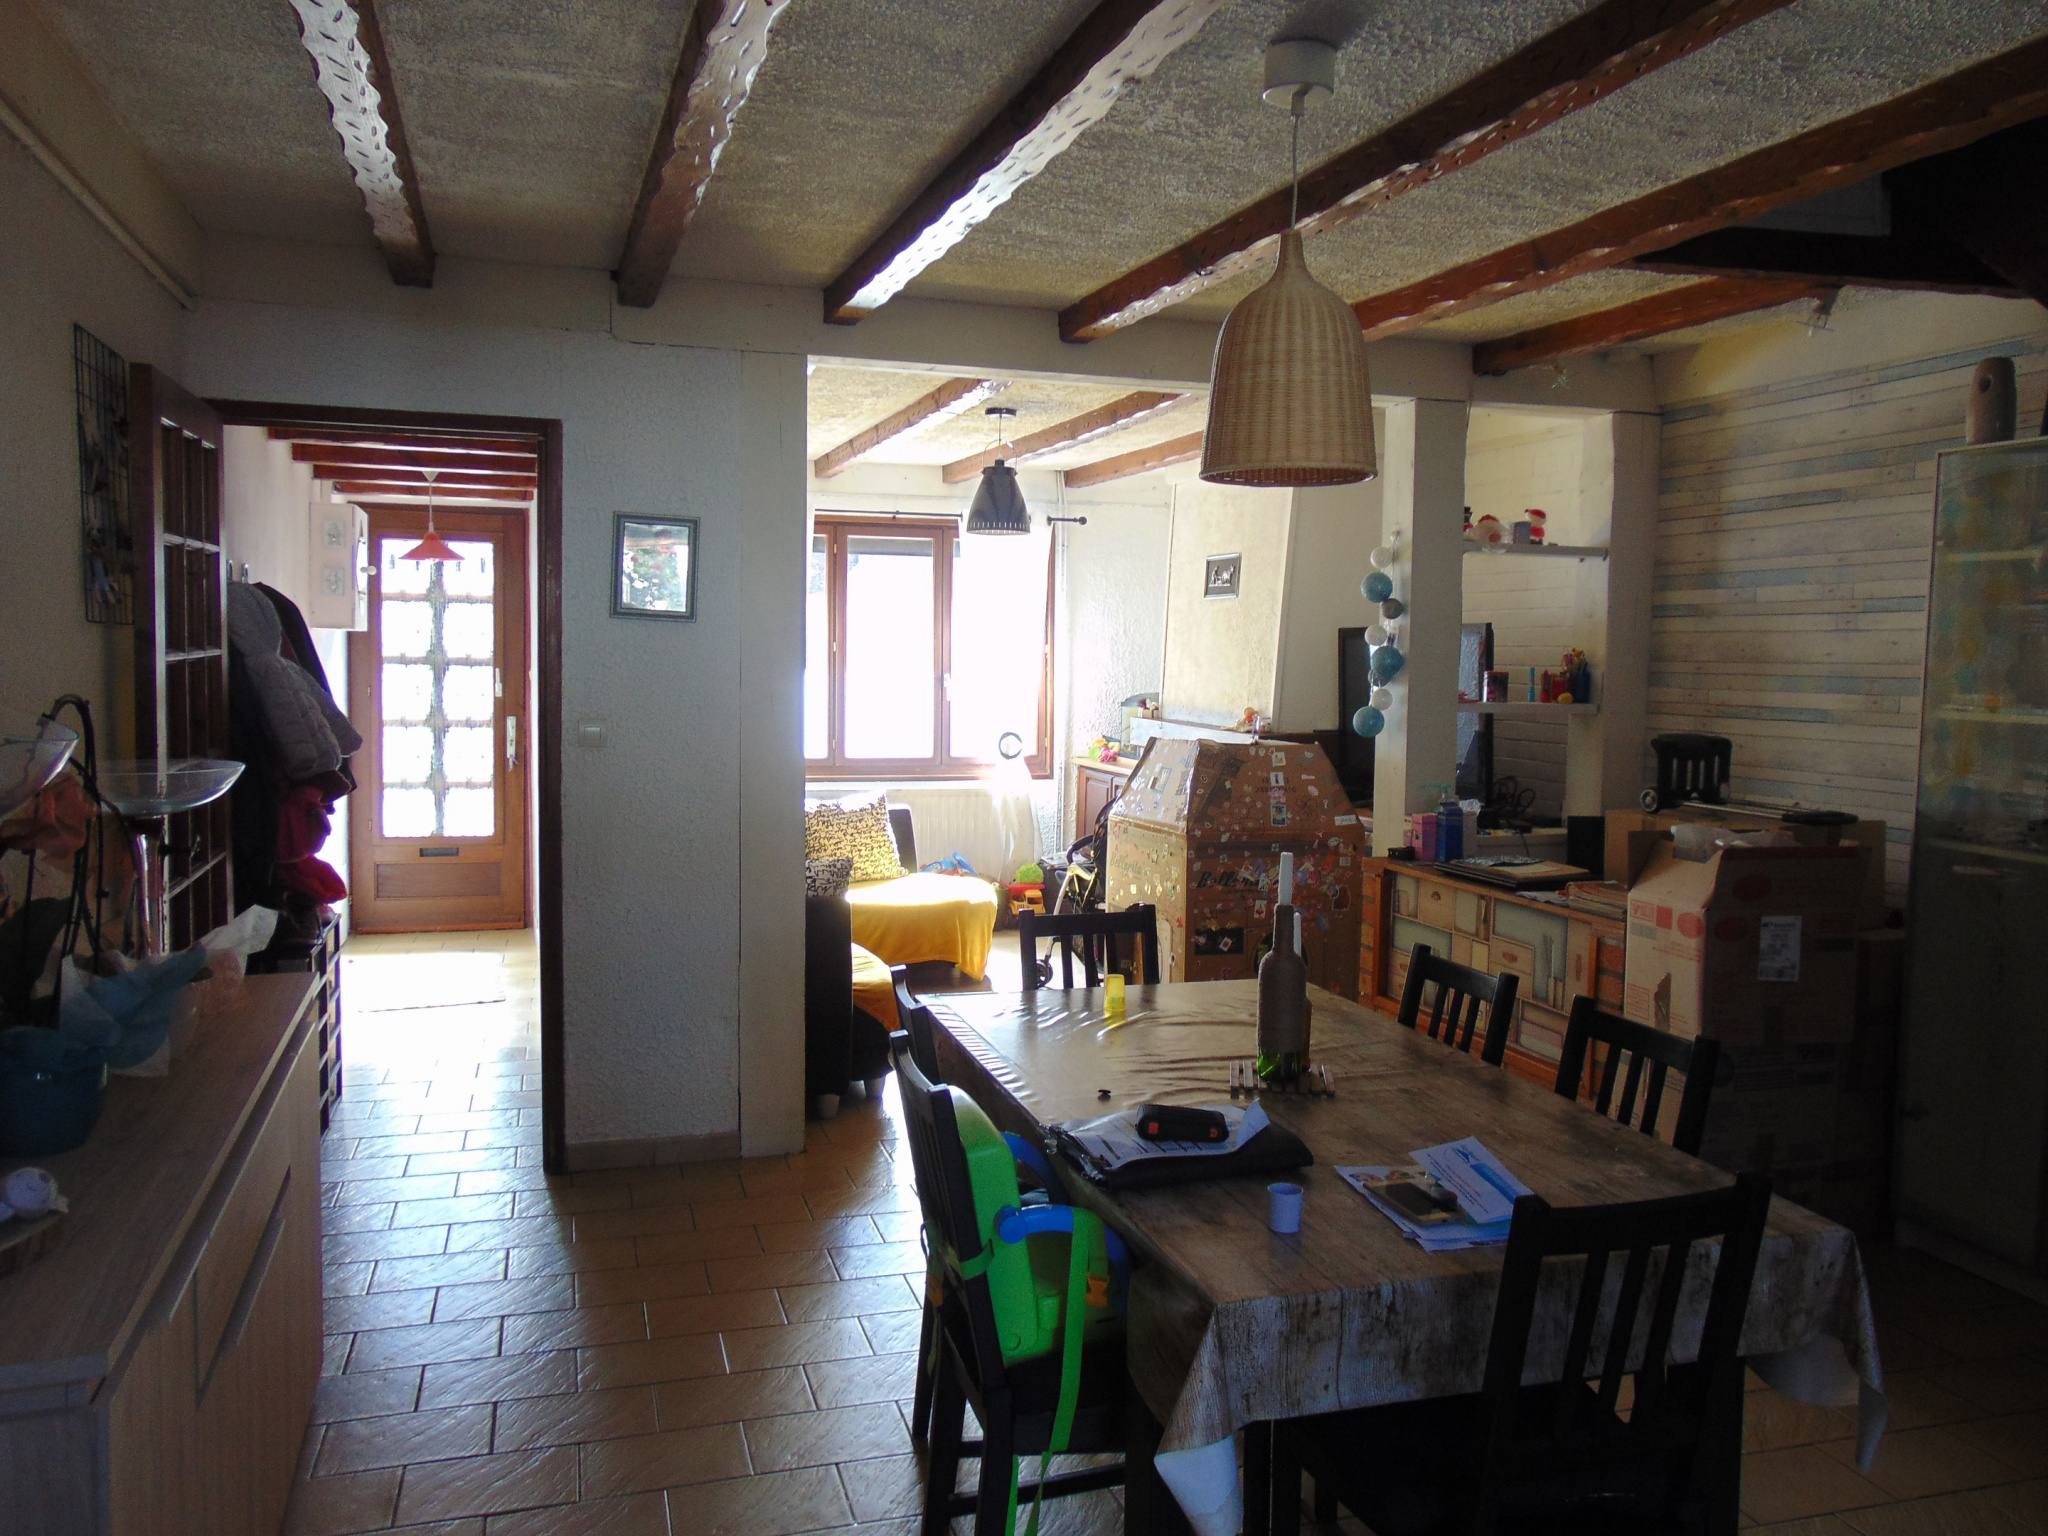 Vente maison 4 chambres jardin sur calais - Brico maison jardin calais ...